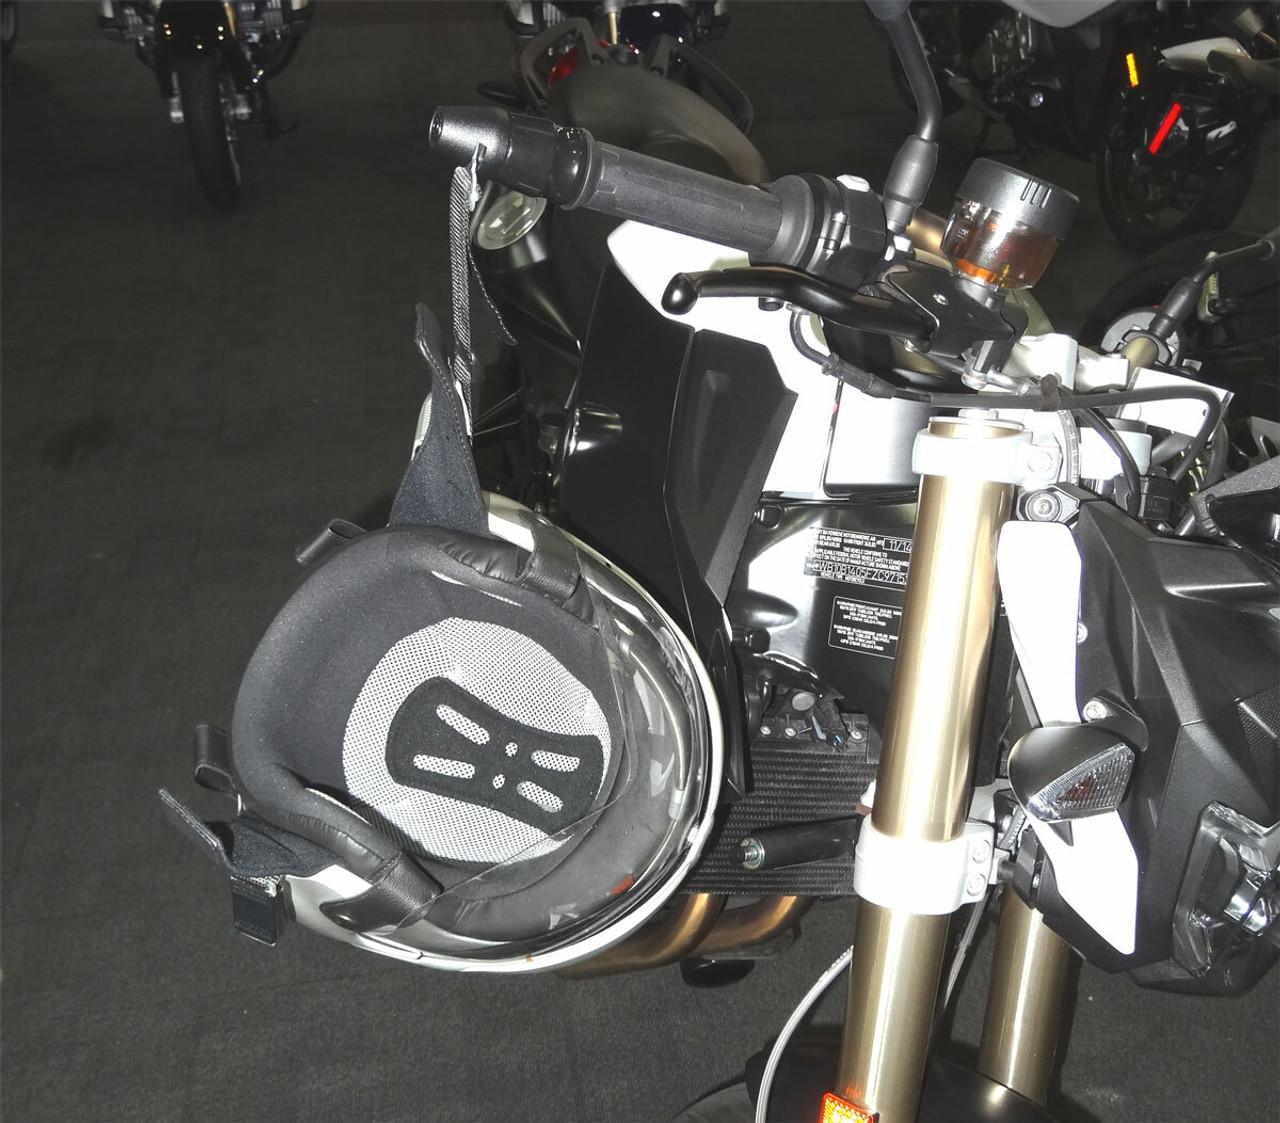 1054-B, Lidlox Pair, BMW F800R and S1000R, Black